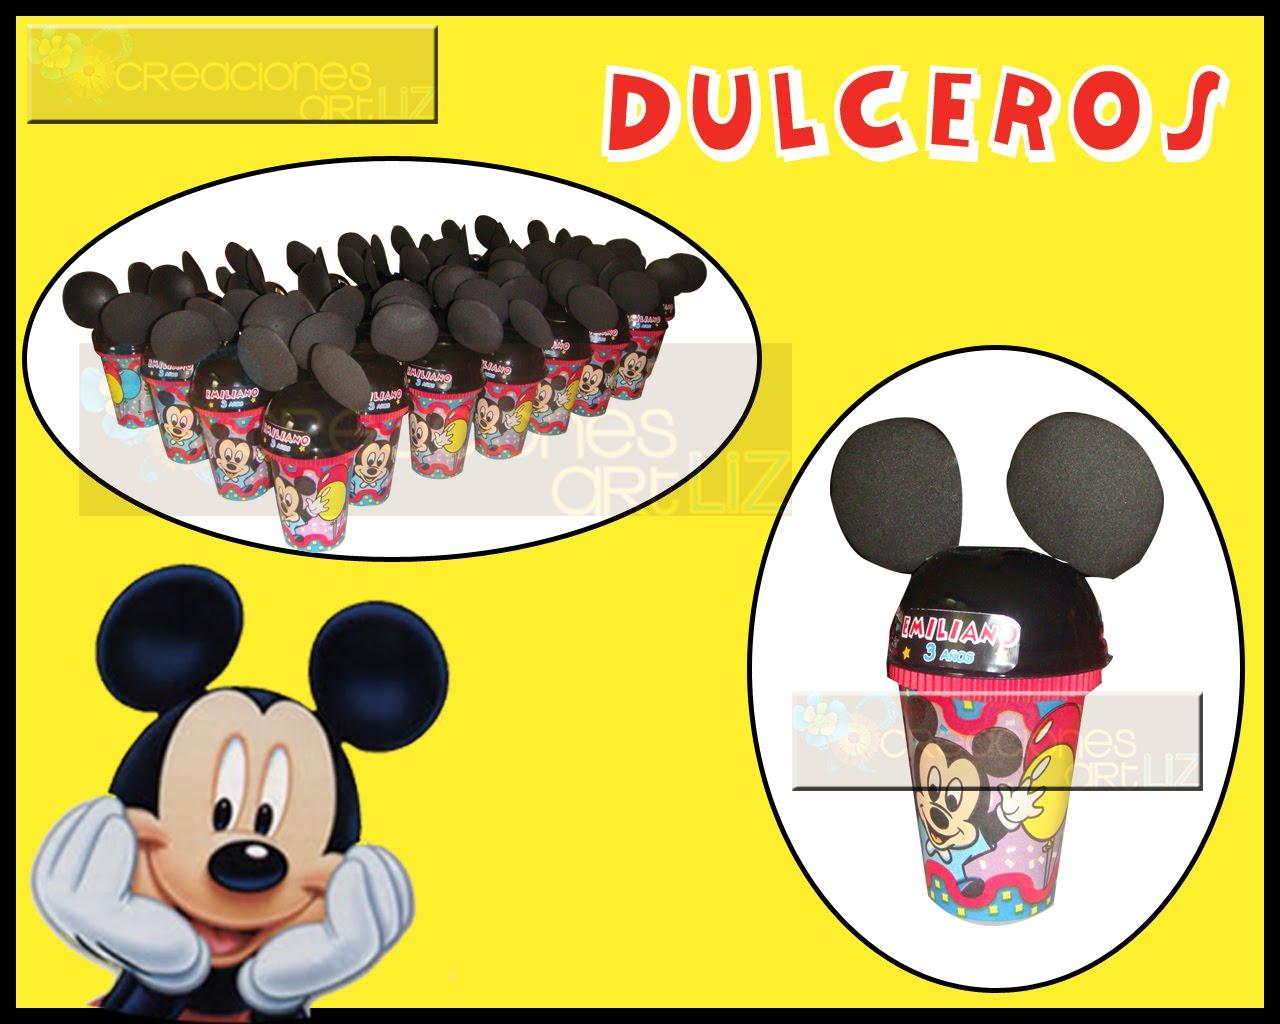 de mickey mouse - photo #13